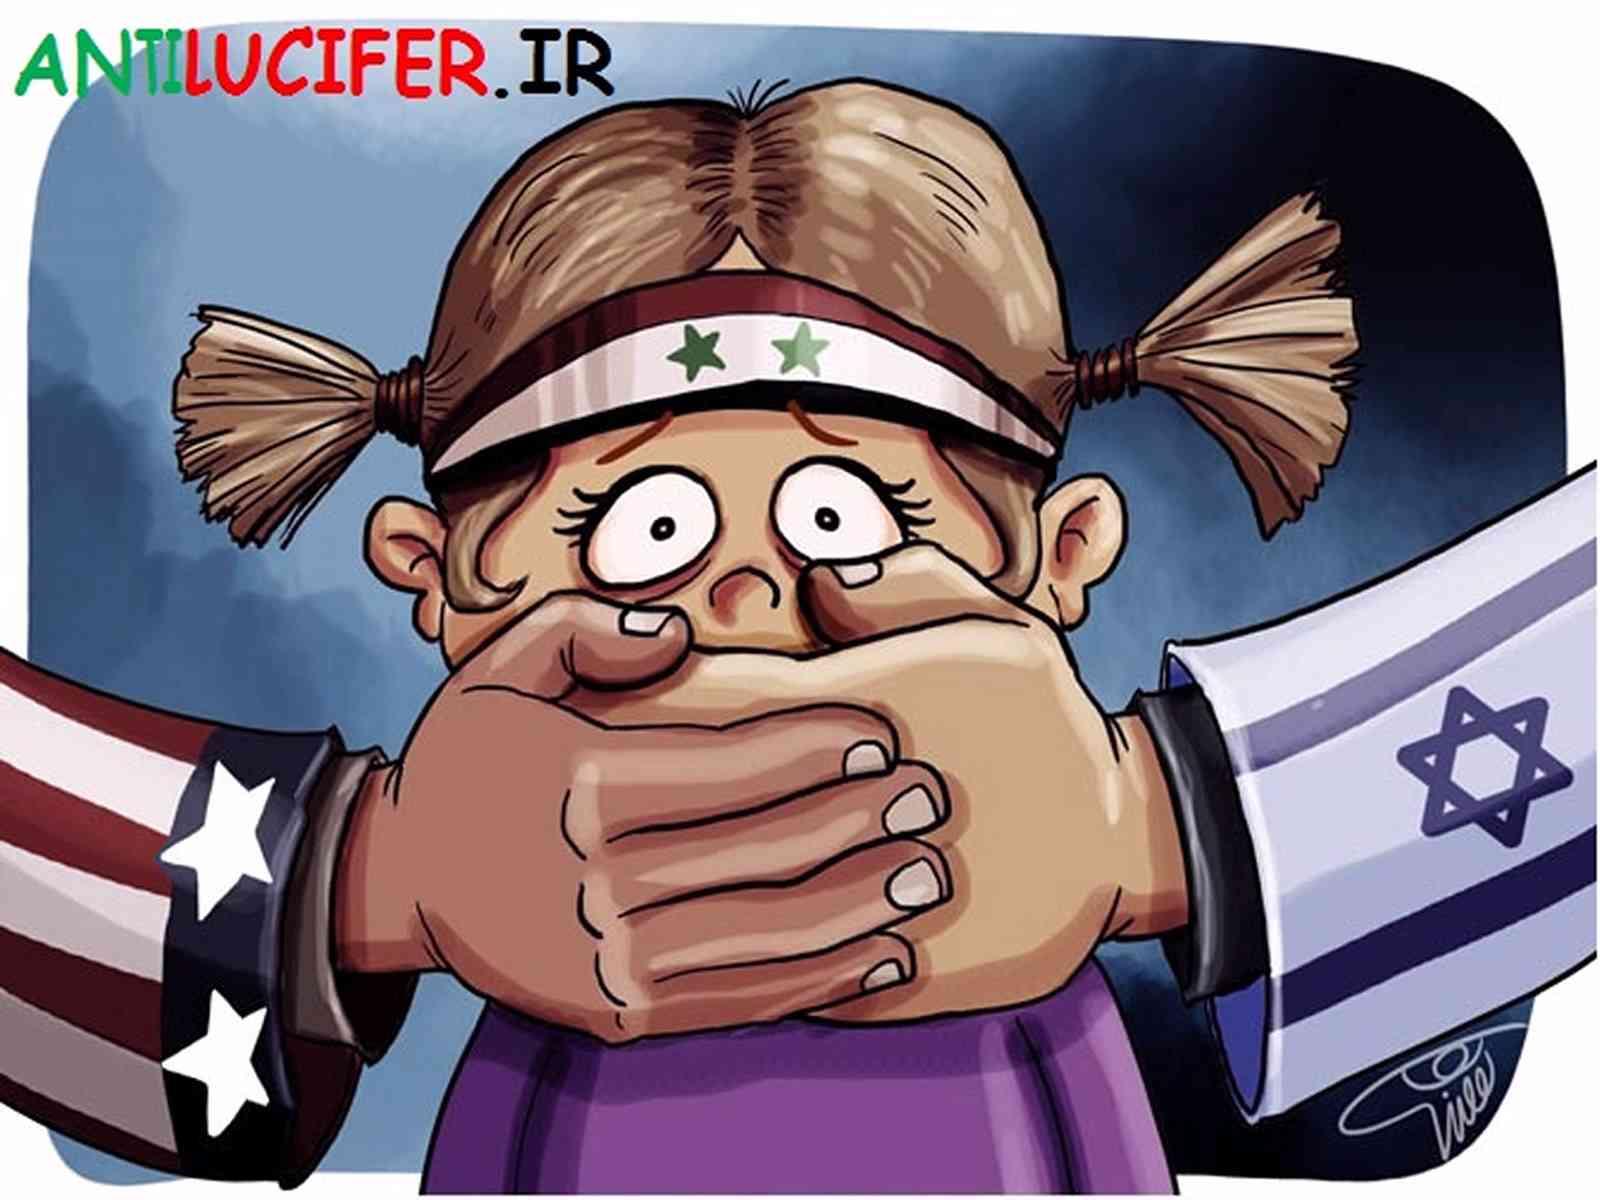 کاریکاتور با موضوع سوریه